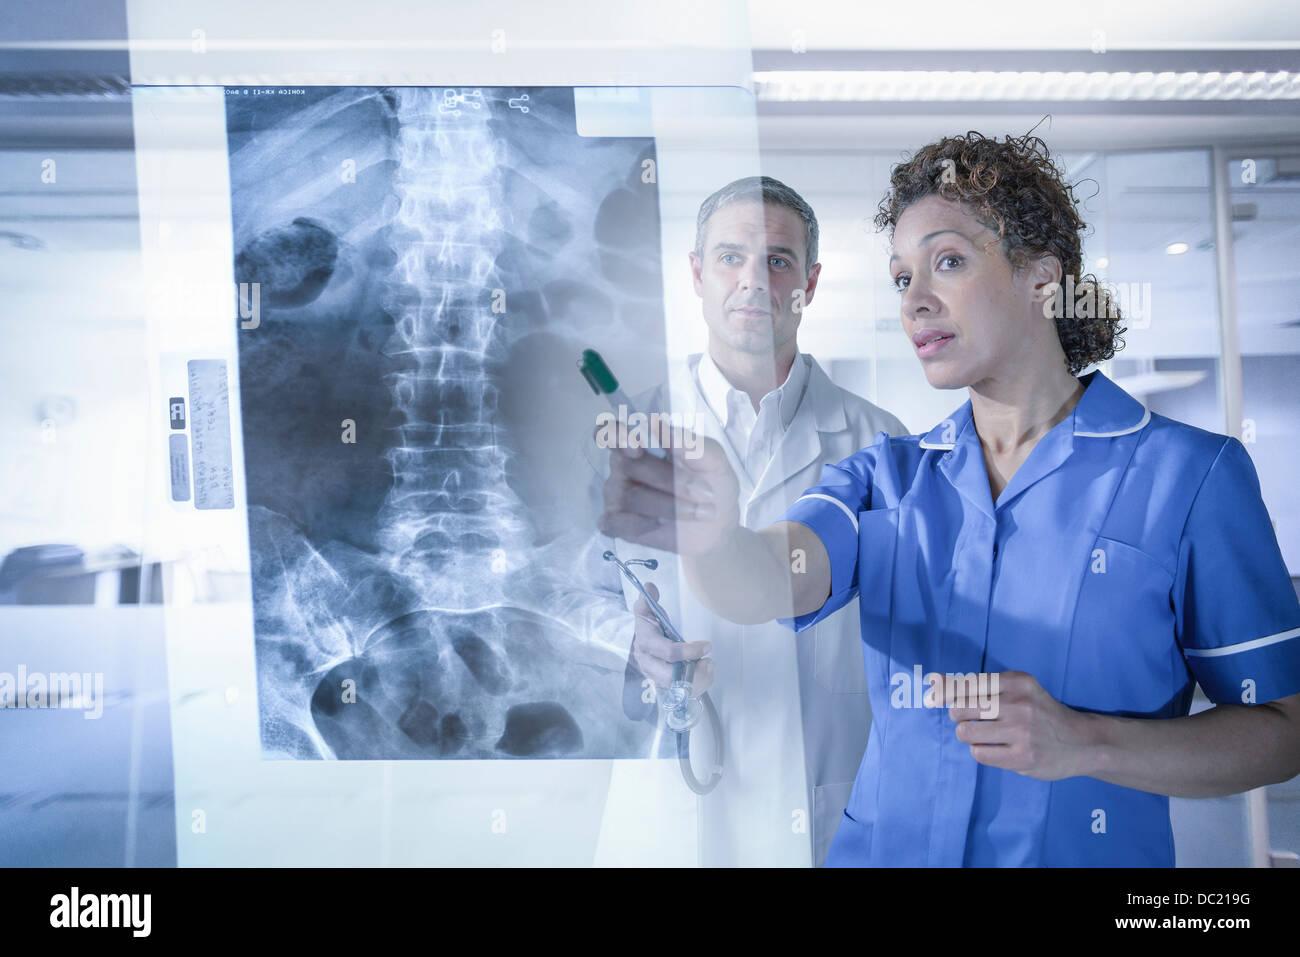 Arzt und Krankenschwester in der Xray Ergebnisse auf dem Bildschirm angezeigt Stockbild